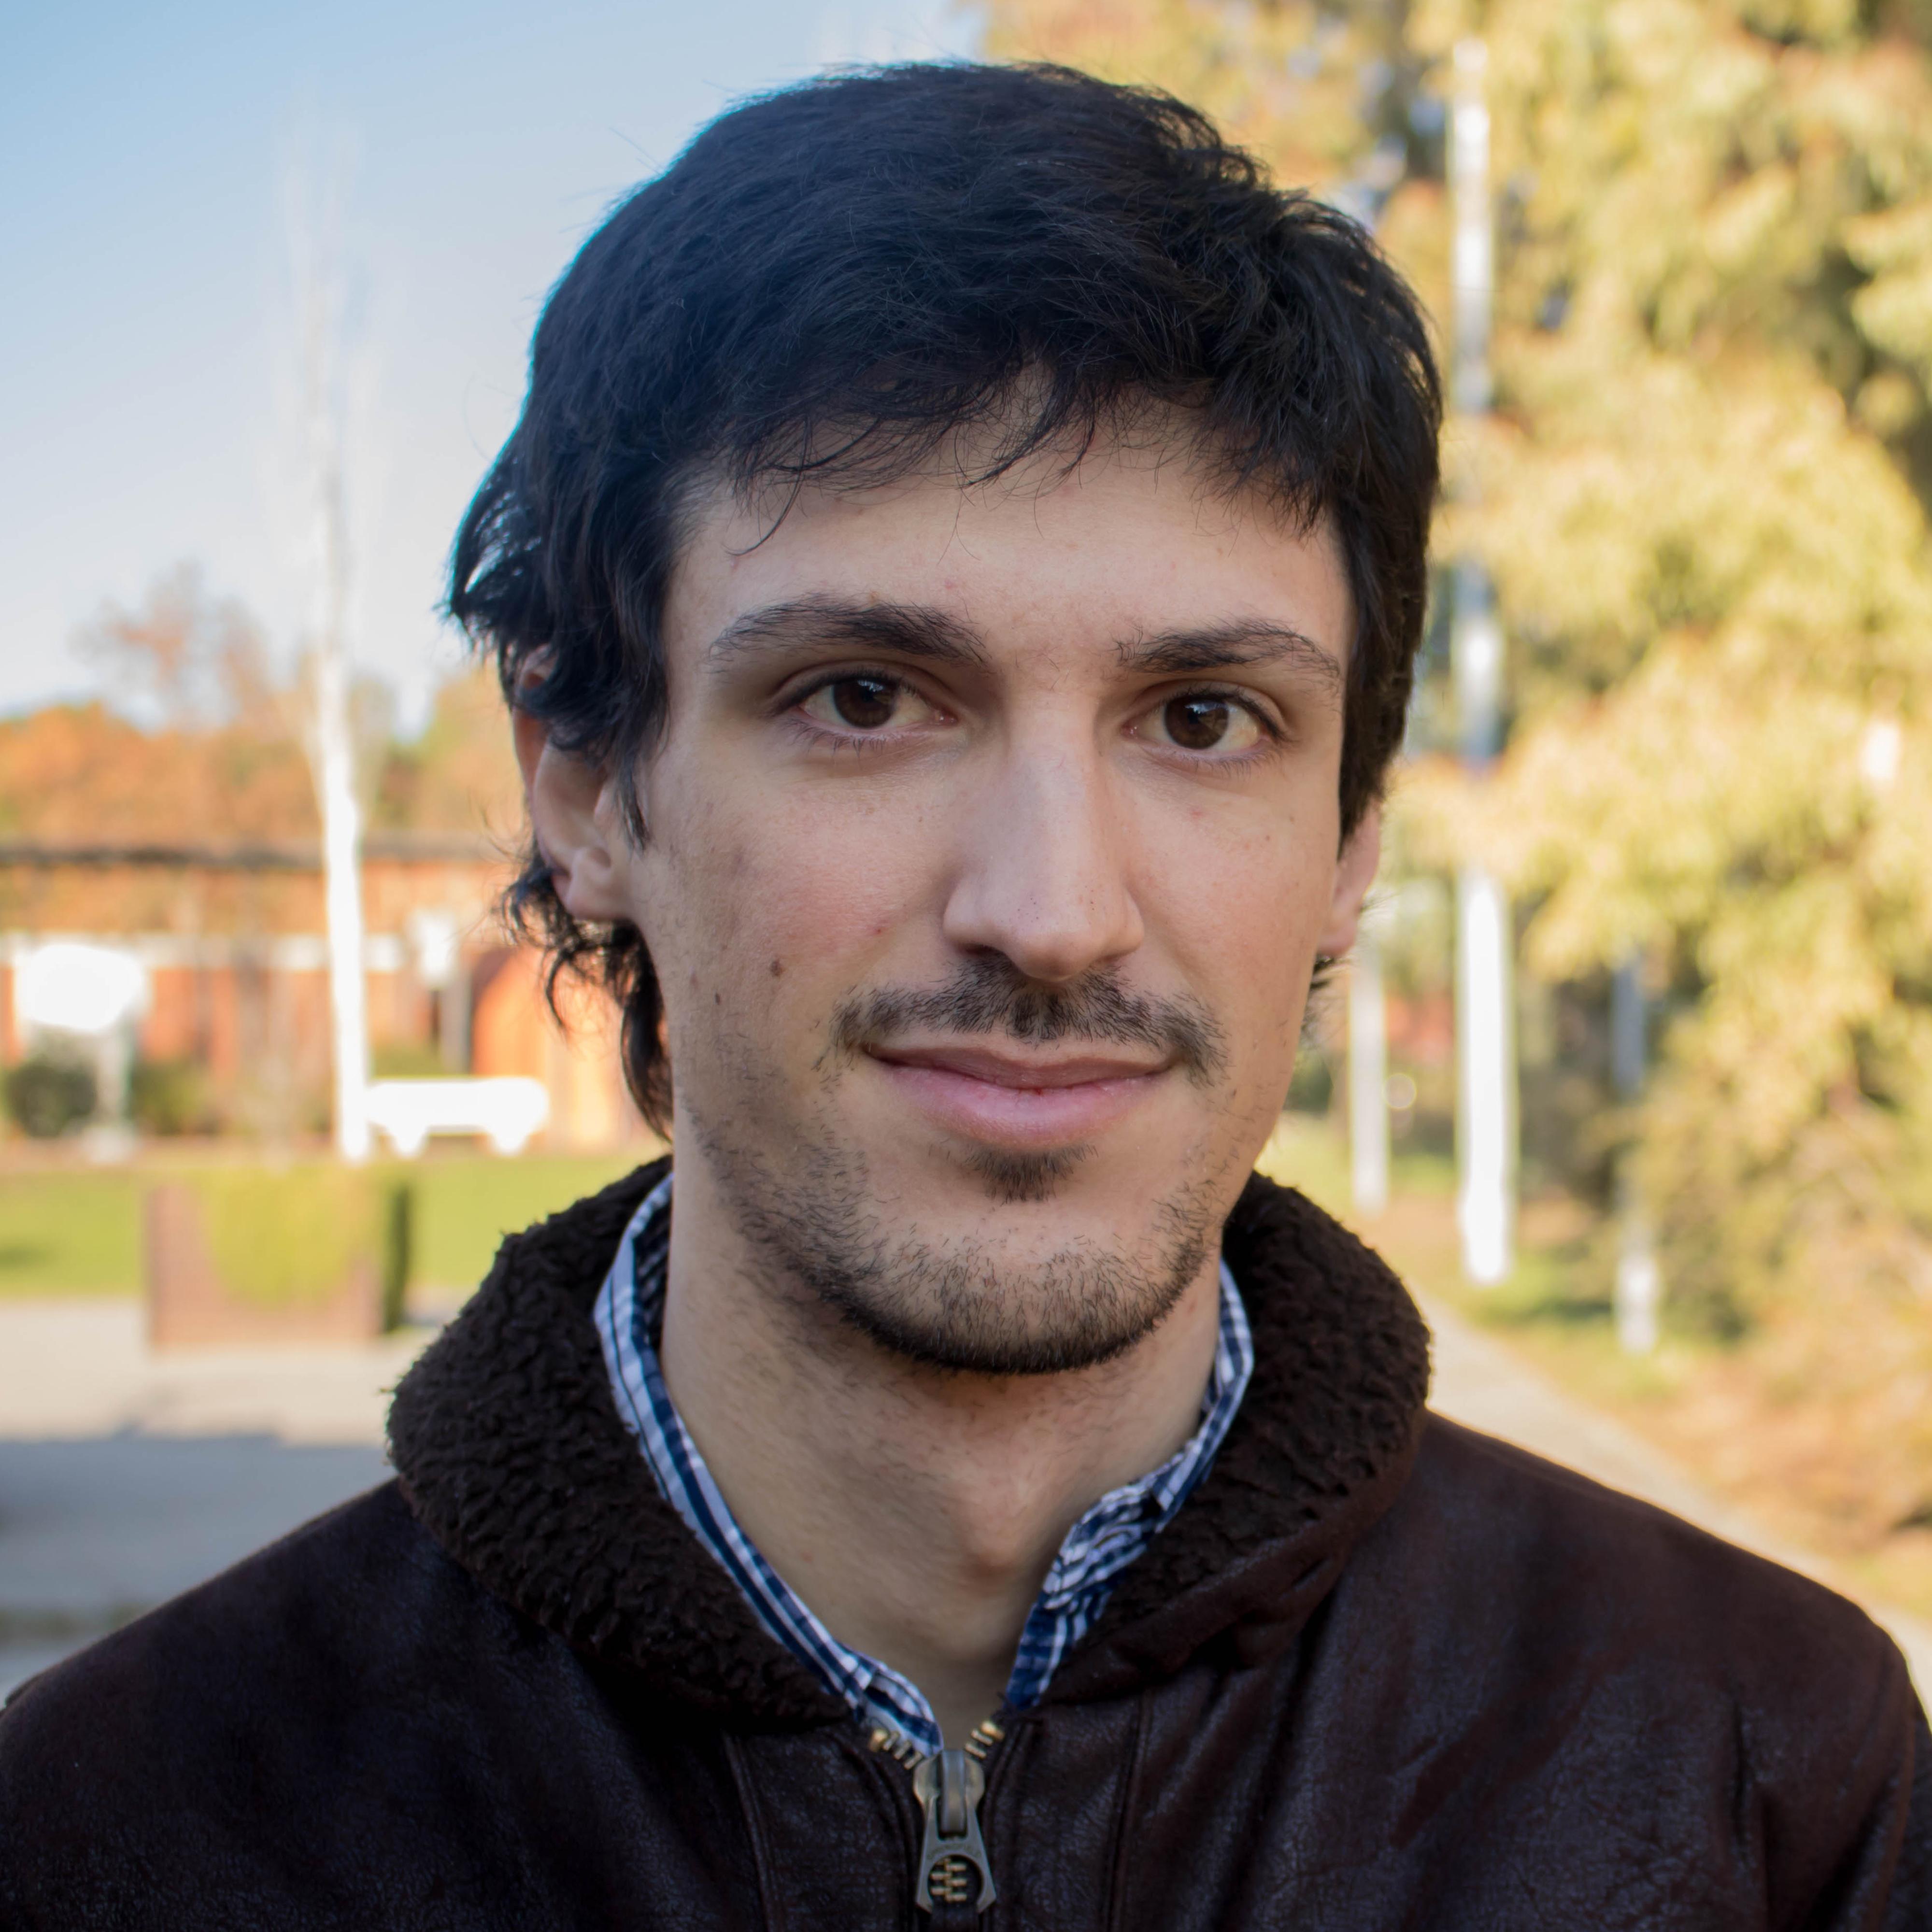 JORGE CABAL AMIEVA